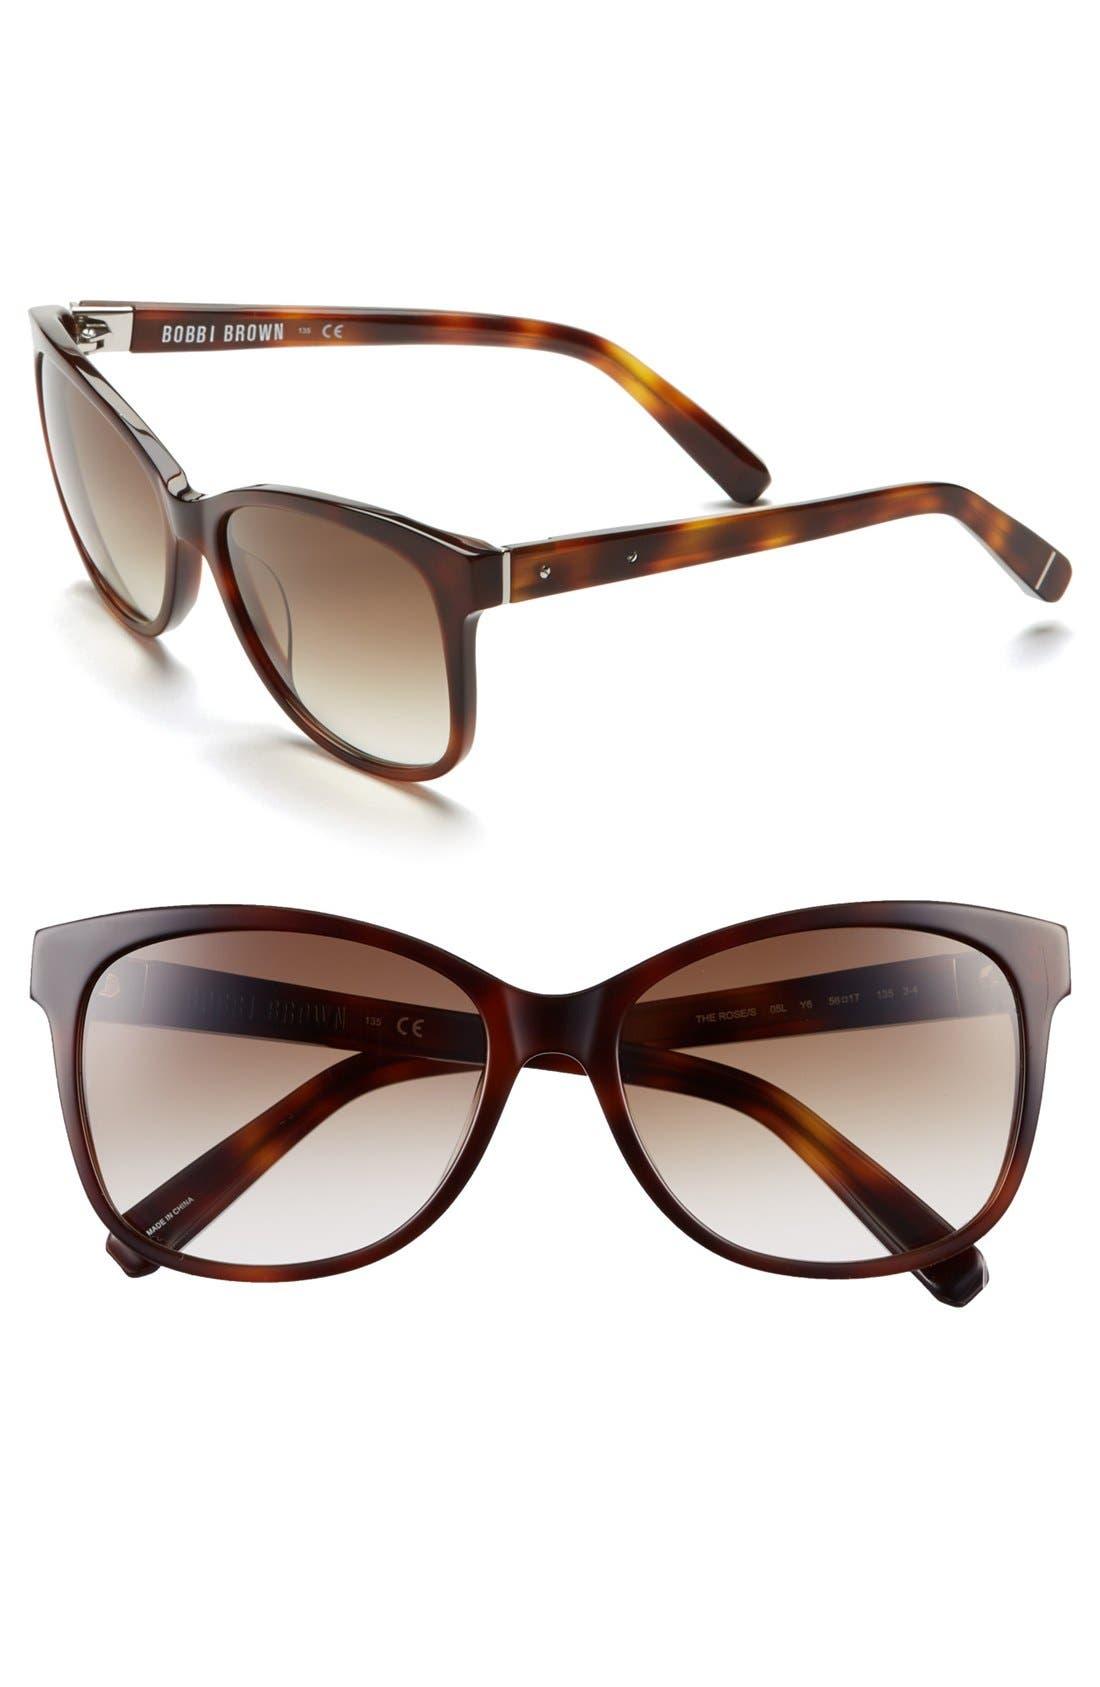 Alternate Image 1 Selected - Bobbi Brown 'The Rose' 56mm Sunglasses